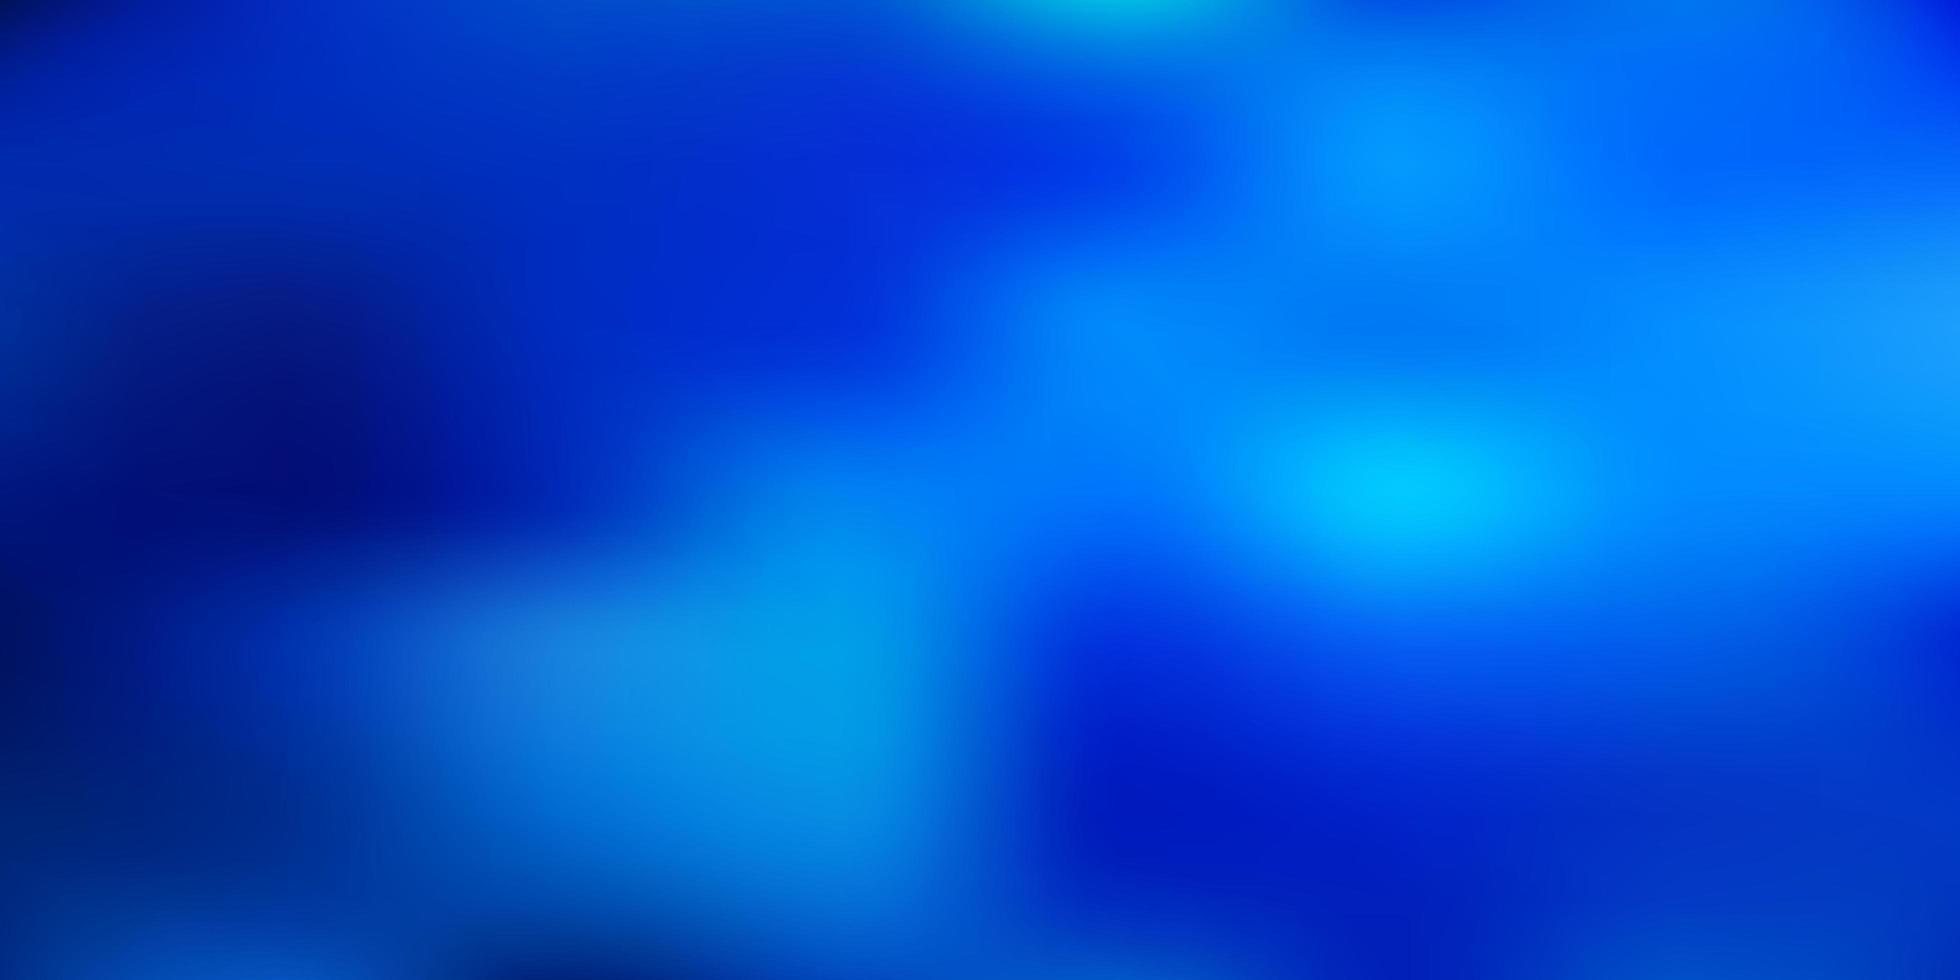 lichtblauw vector abstract onduidelijk beeldpatroon